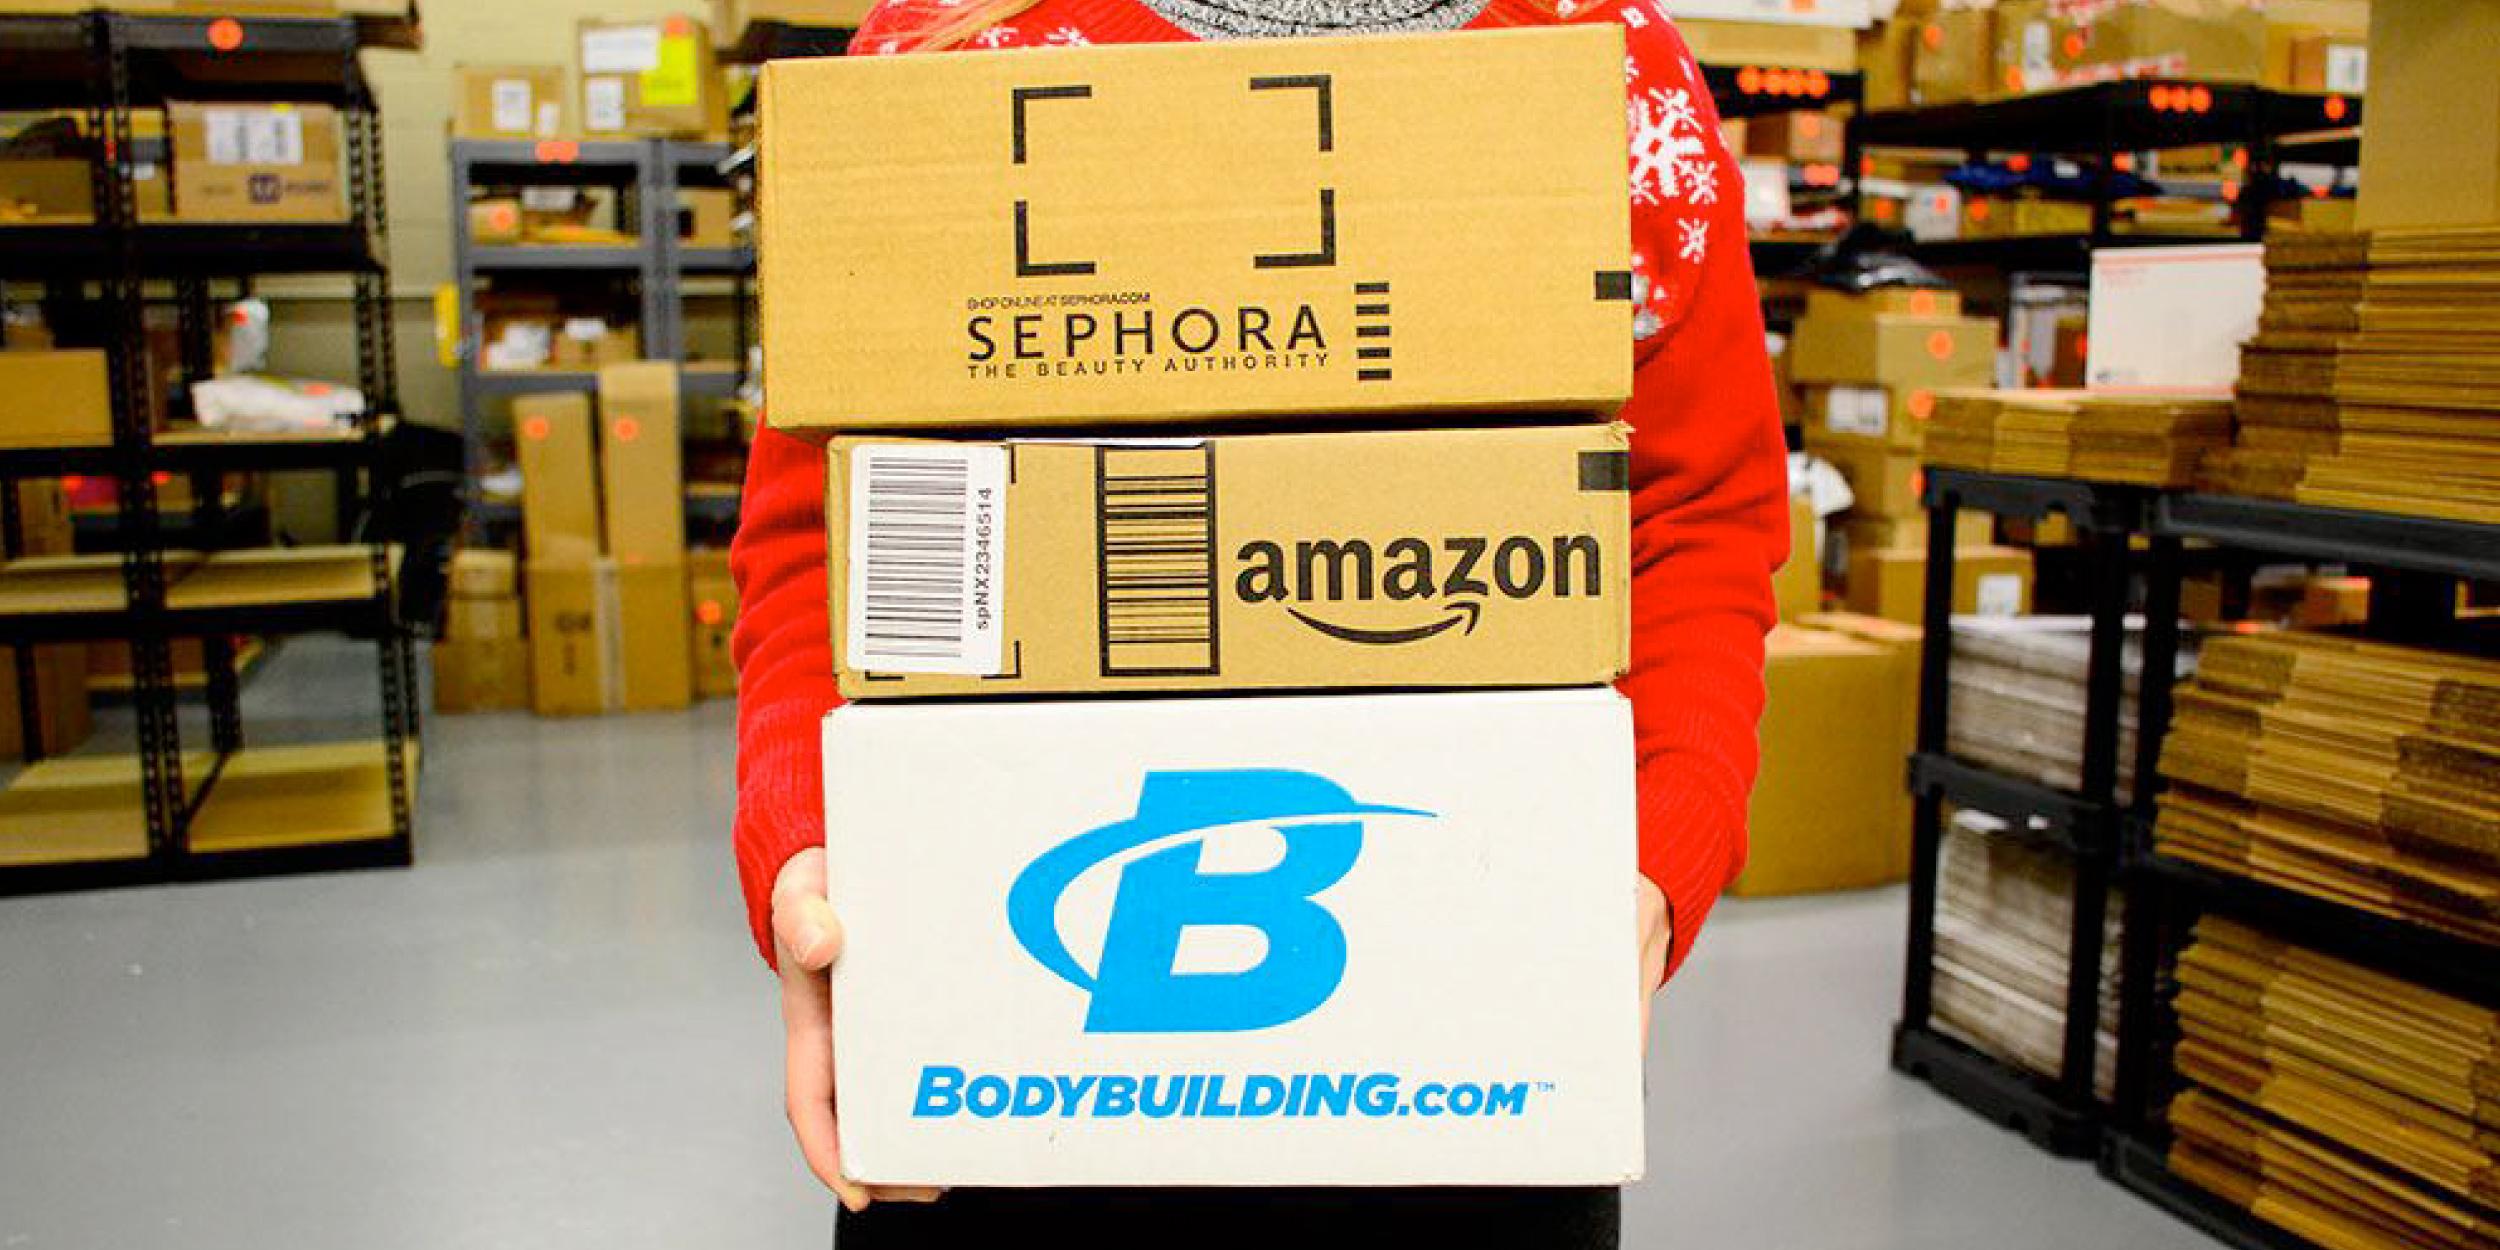 10 крутых новогодних подарков, которые стоит заказать в США + итоги розыгрыша 100 долларов